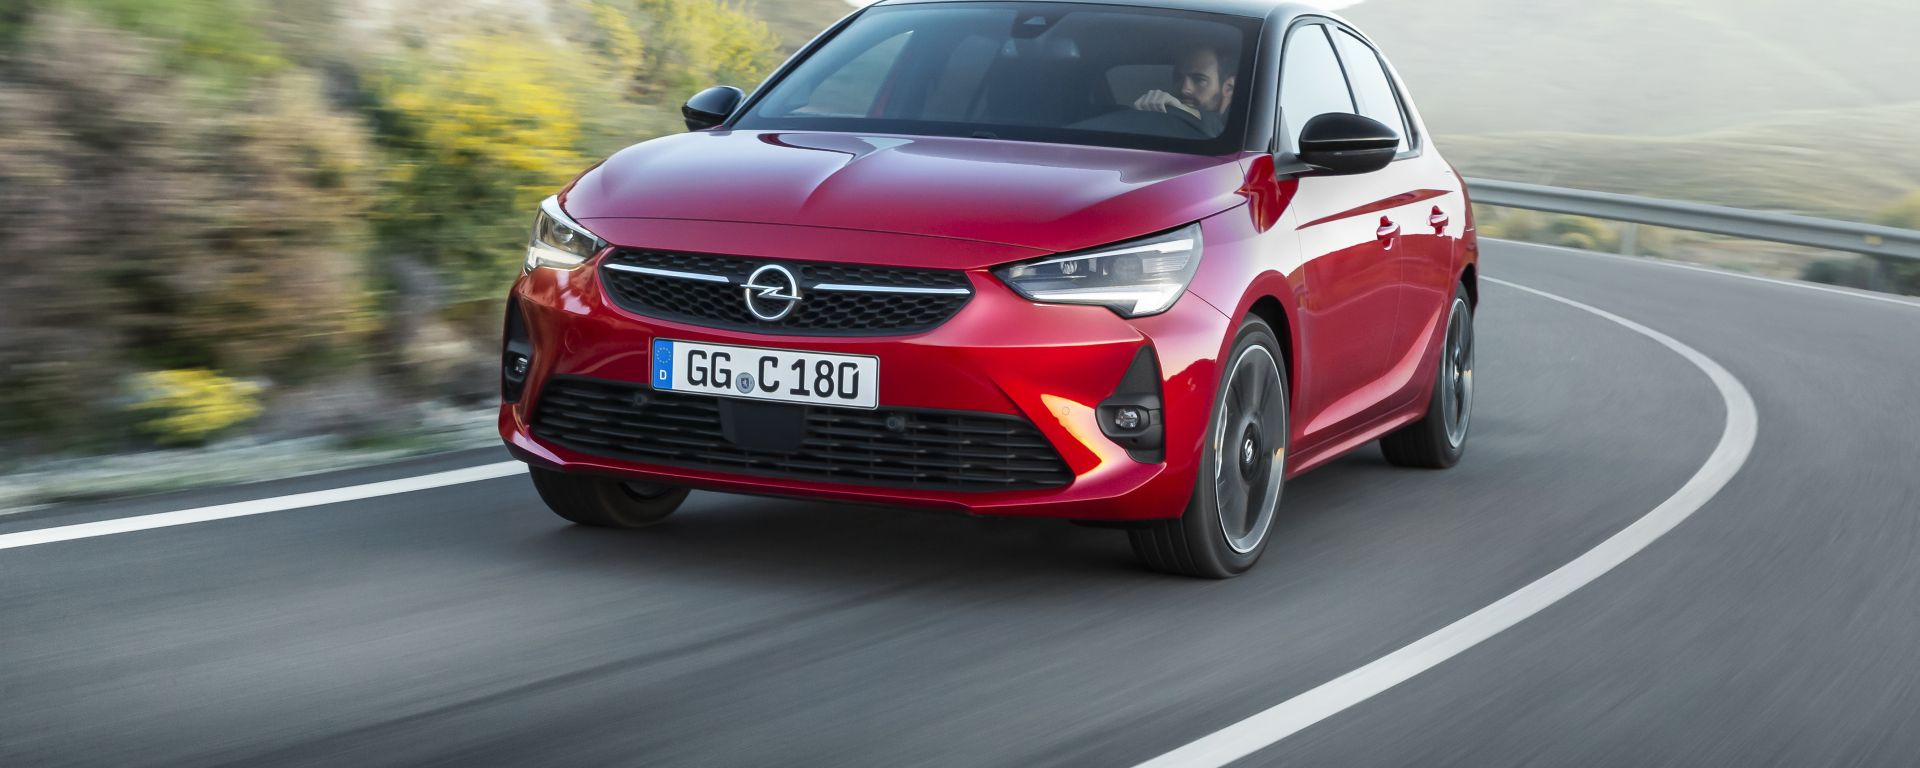 Opel Corsa frontale